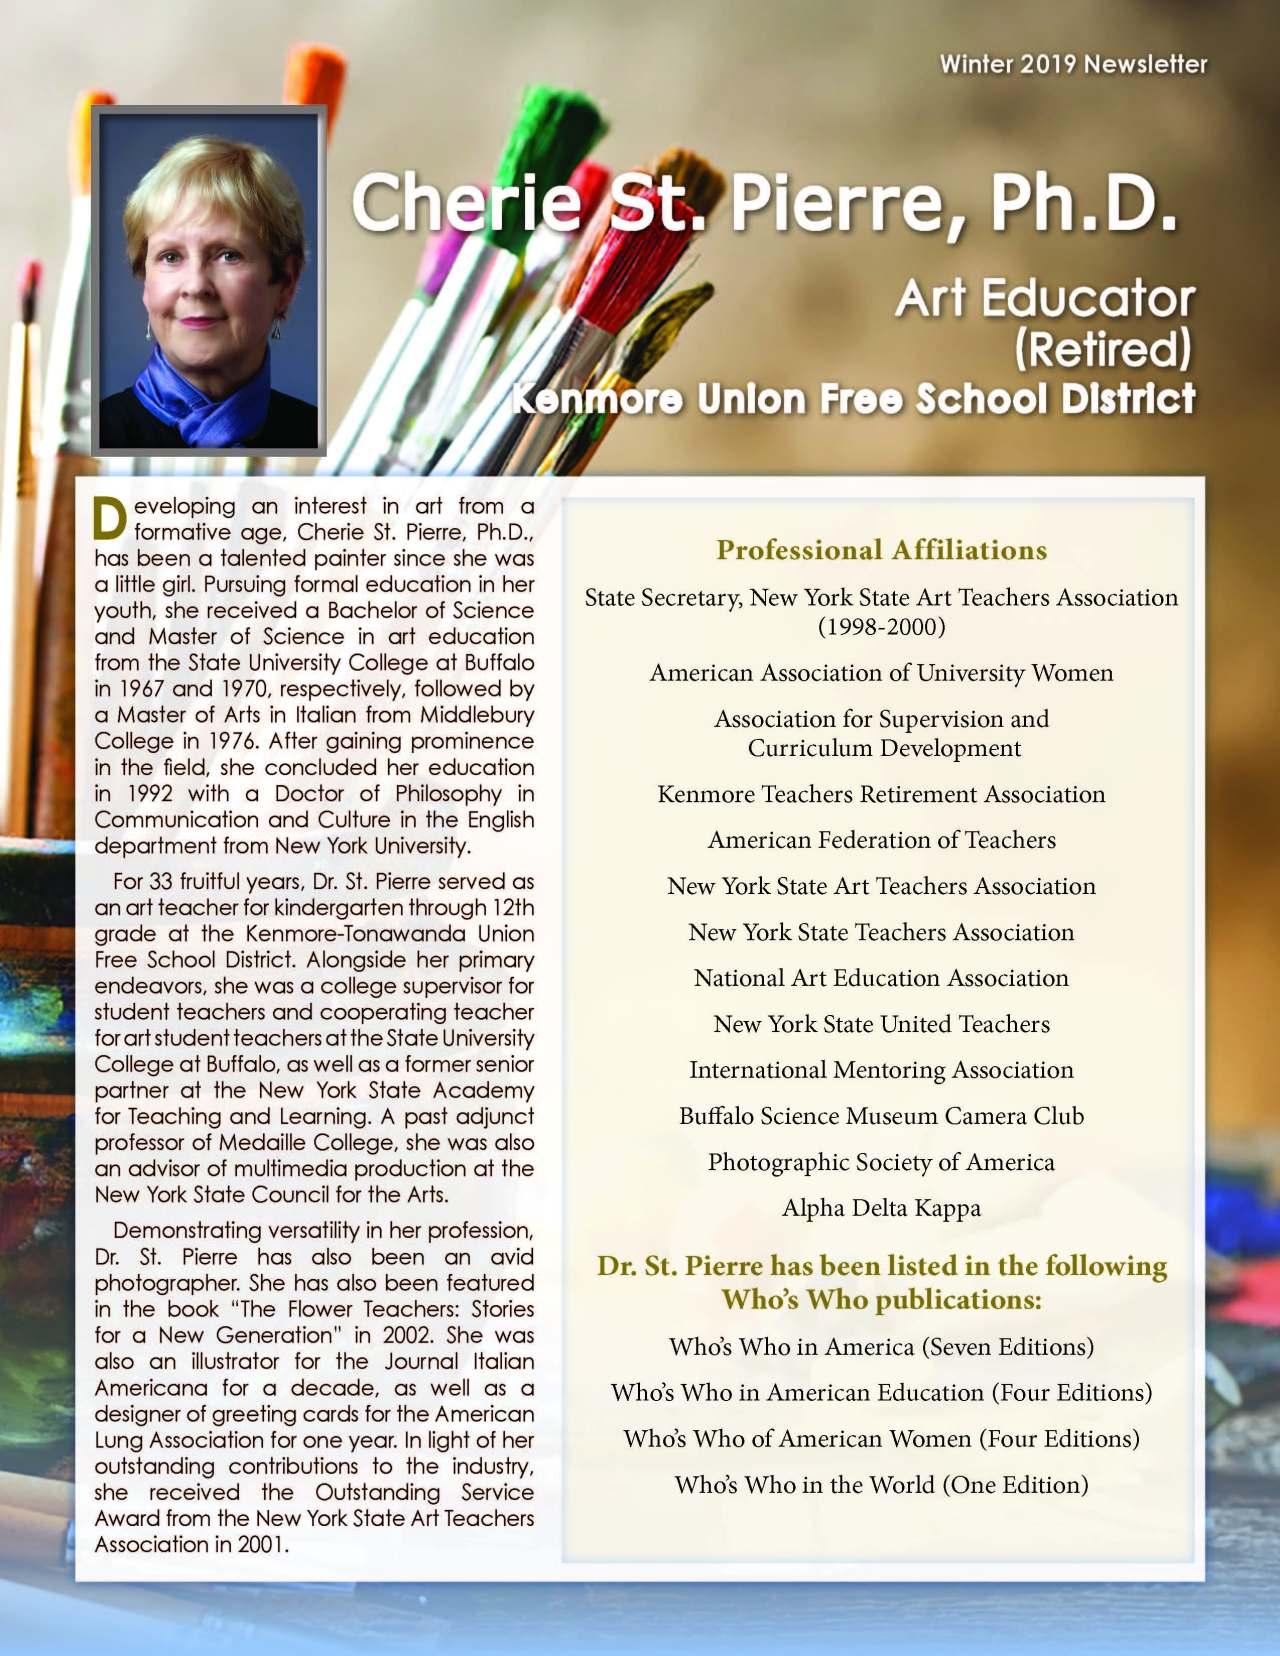 StPierre, Cherie 3996064_25126780 Newsletter REVISED.jpg